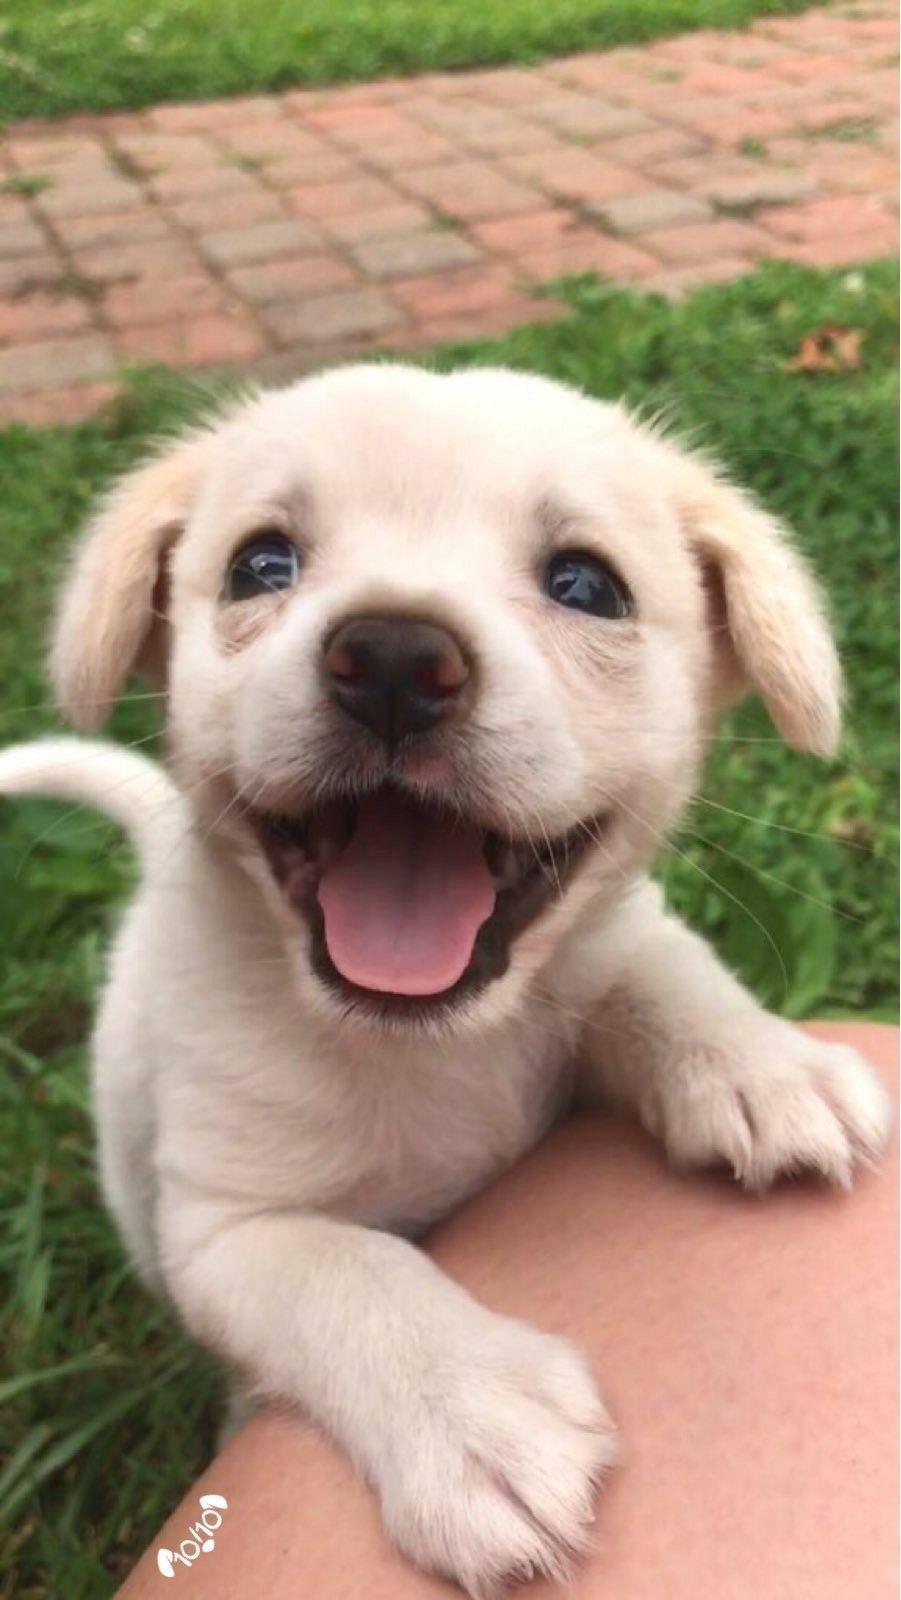 super cute smiling puppy😊 | døgş | pinterest